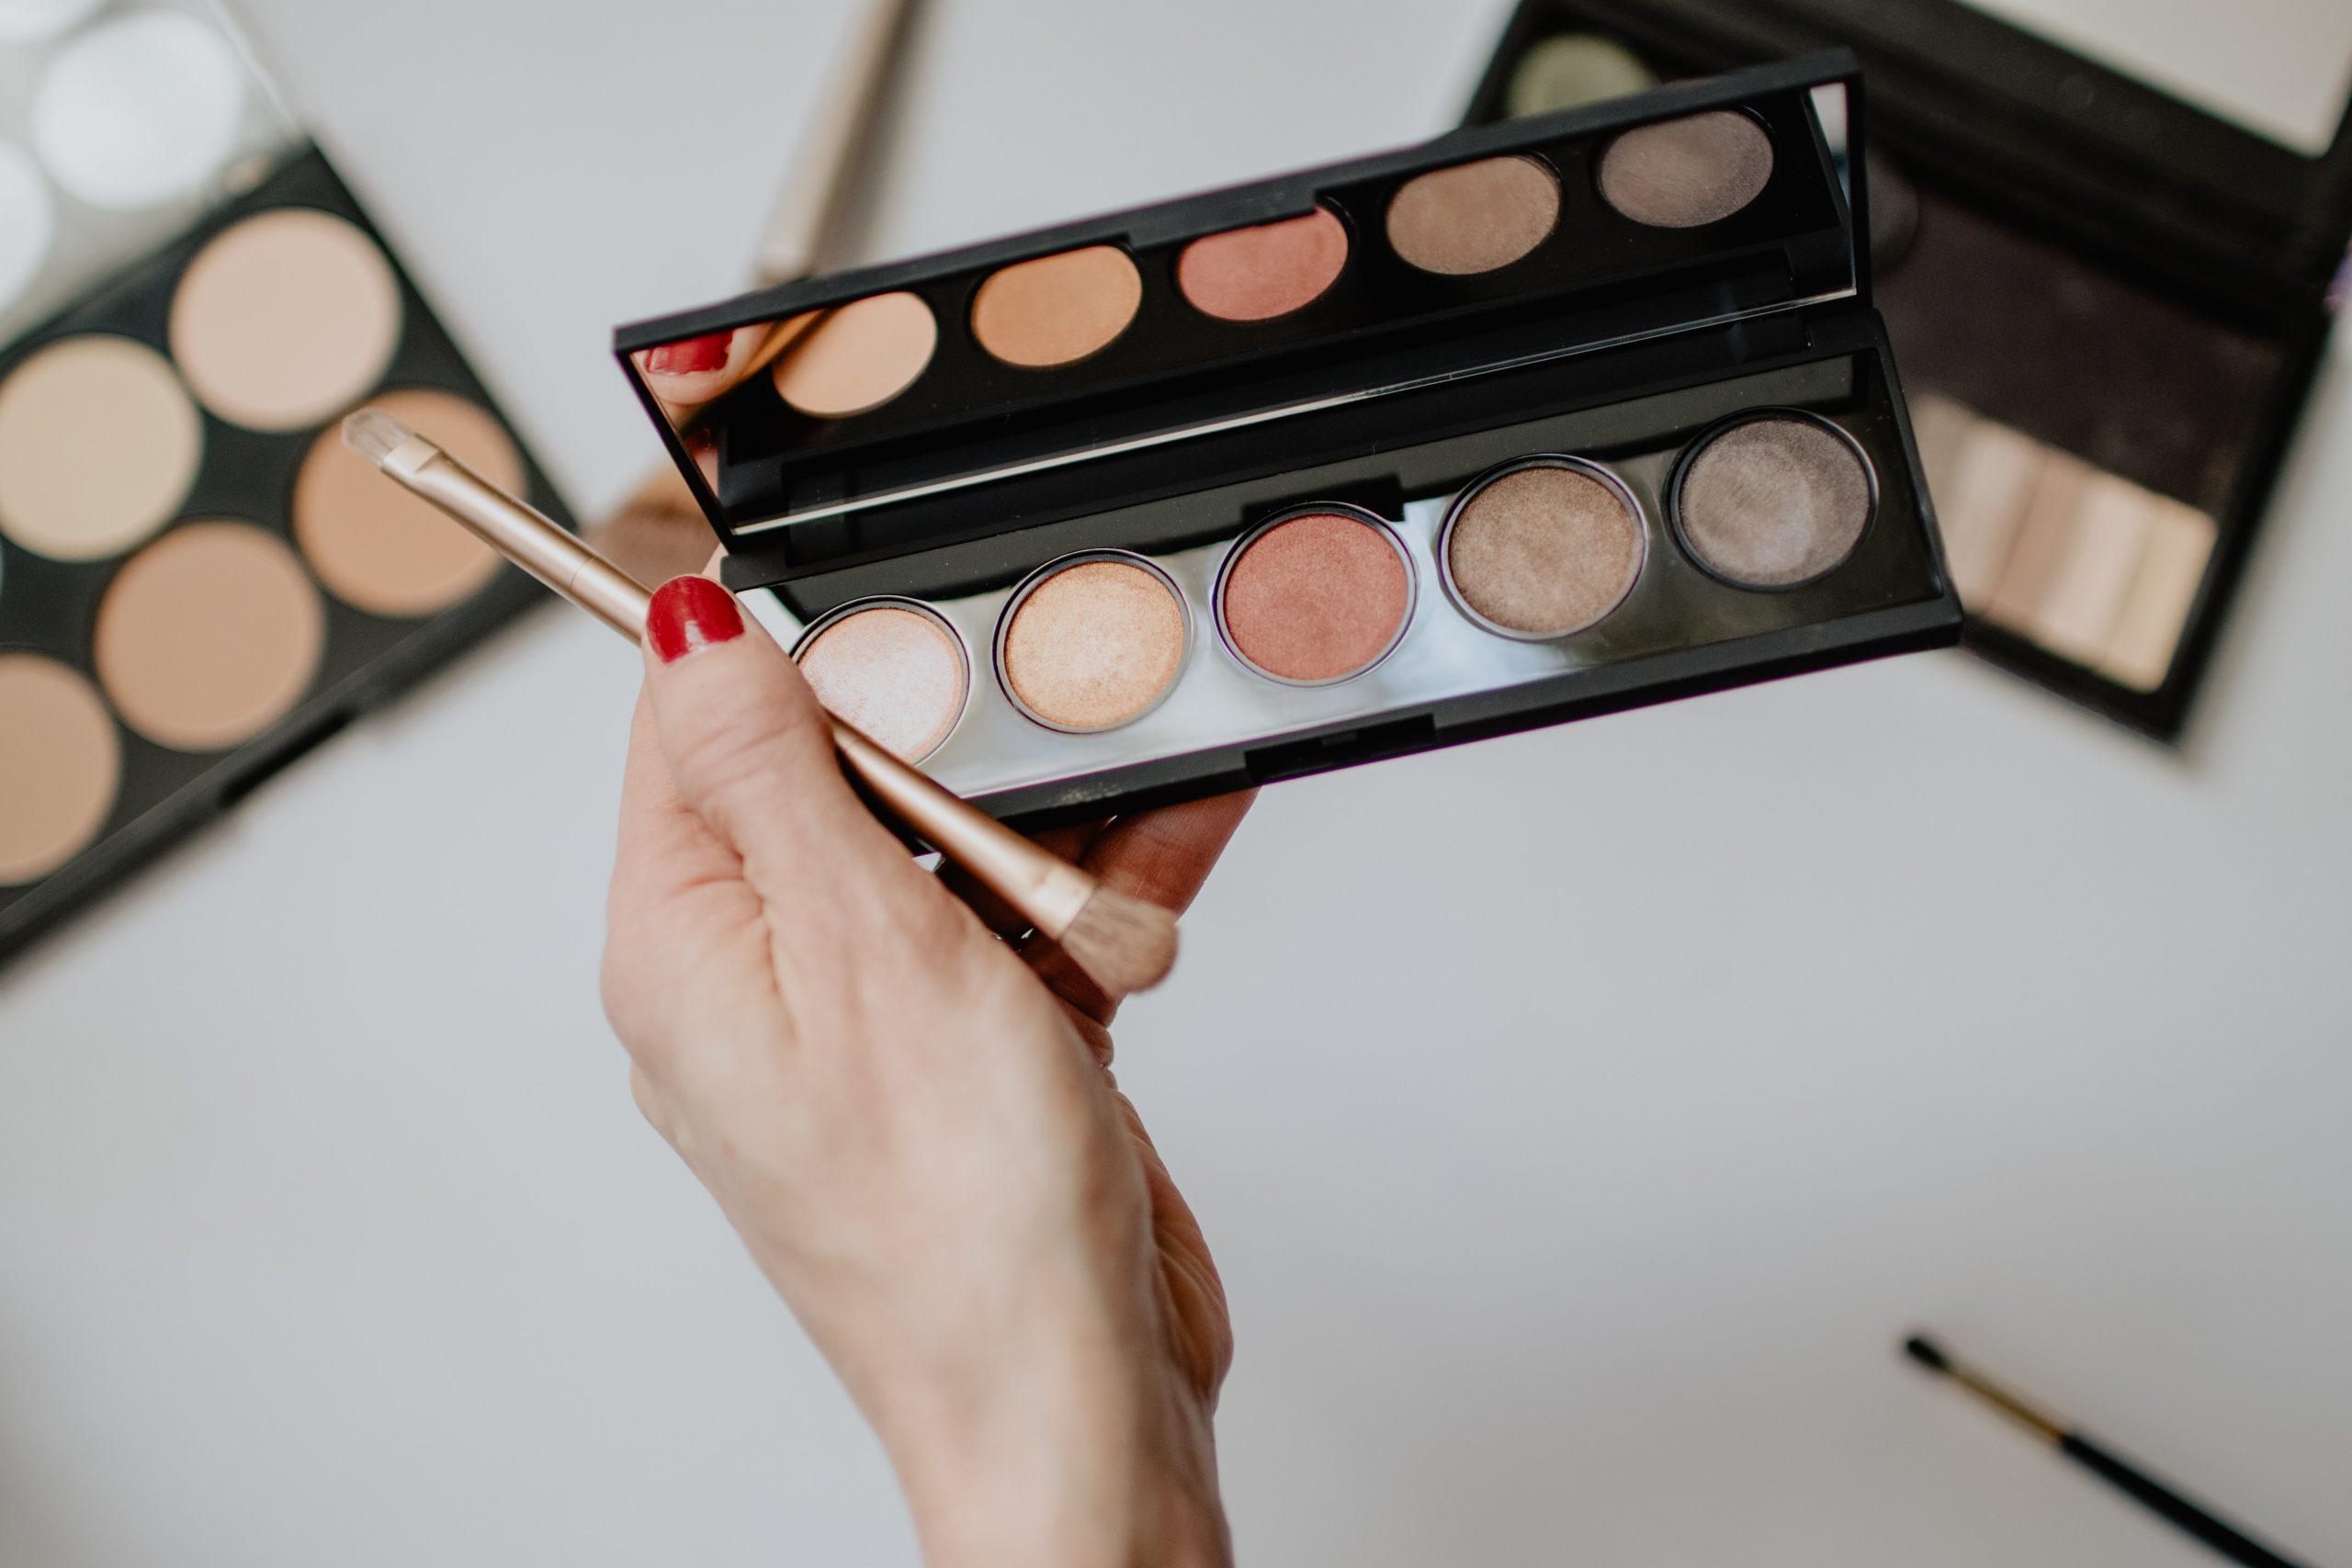 Mano de mujer sosteniendo paleta de maquillaje